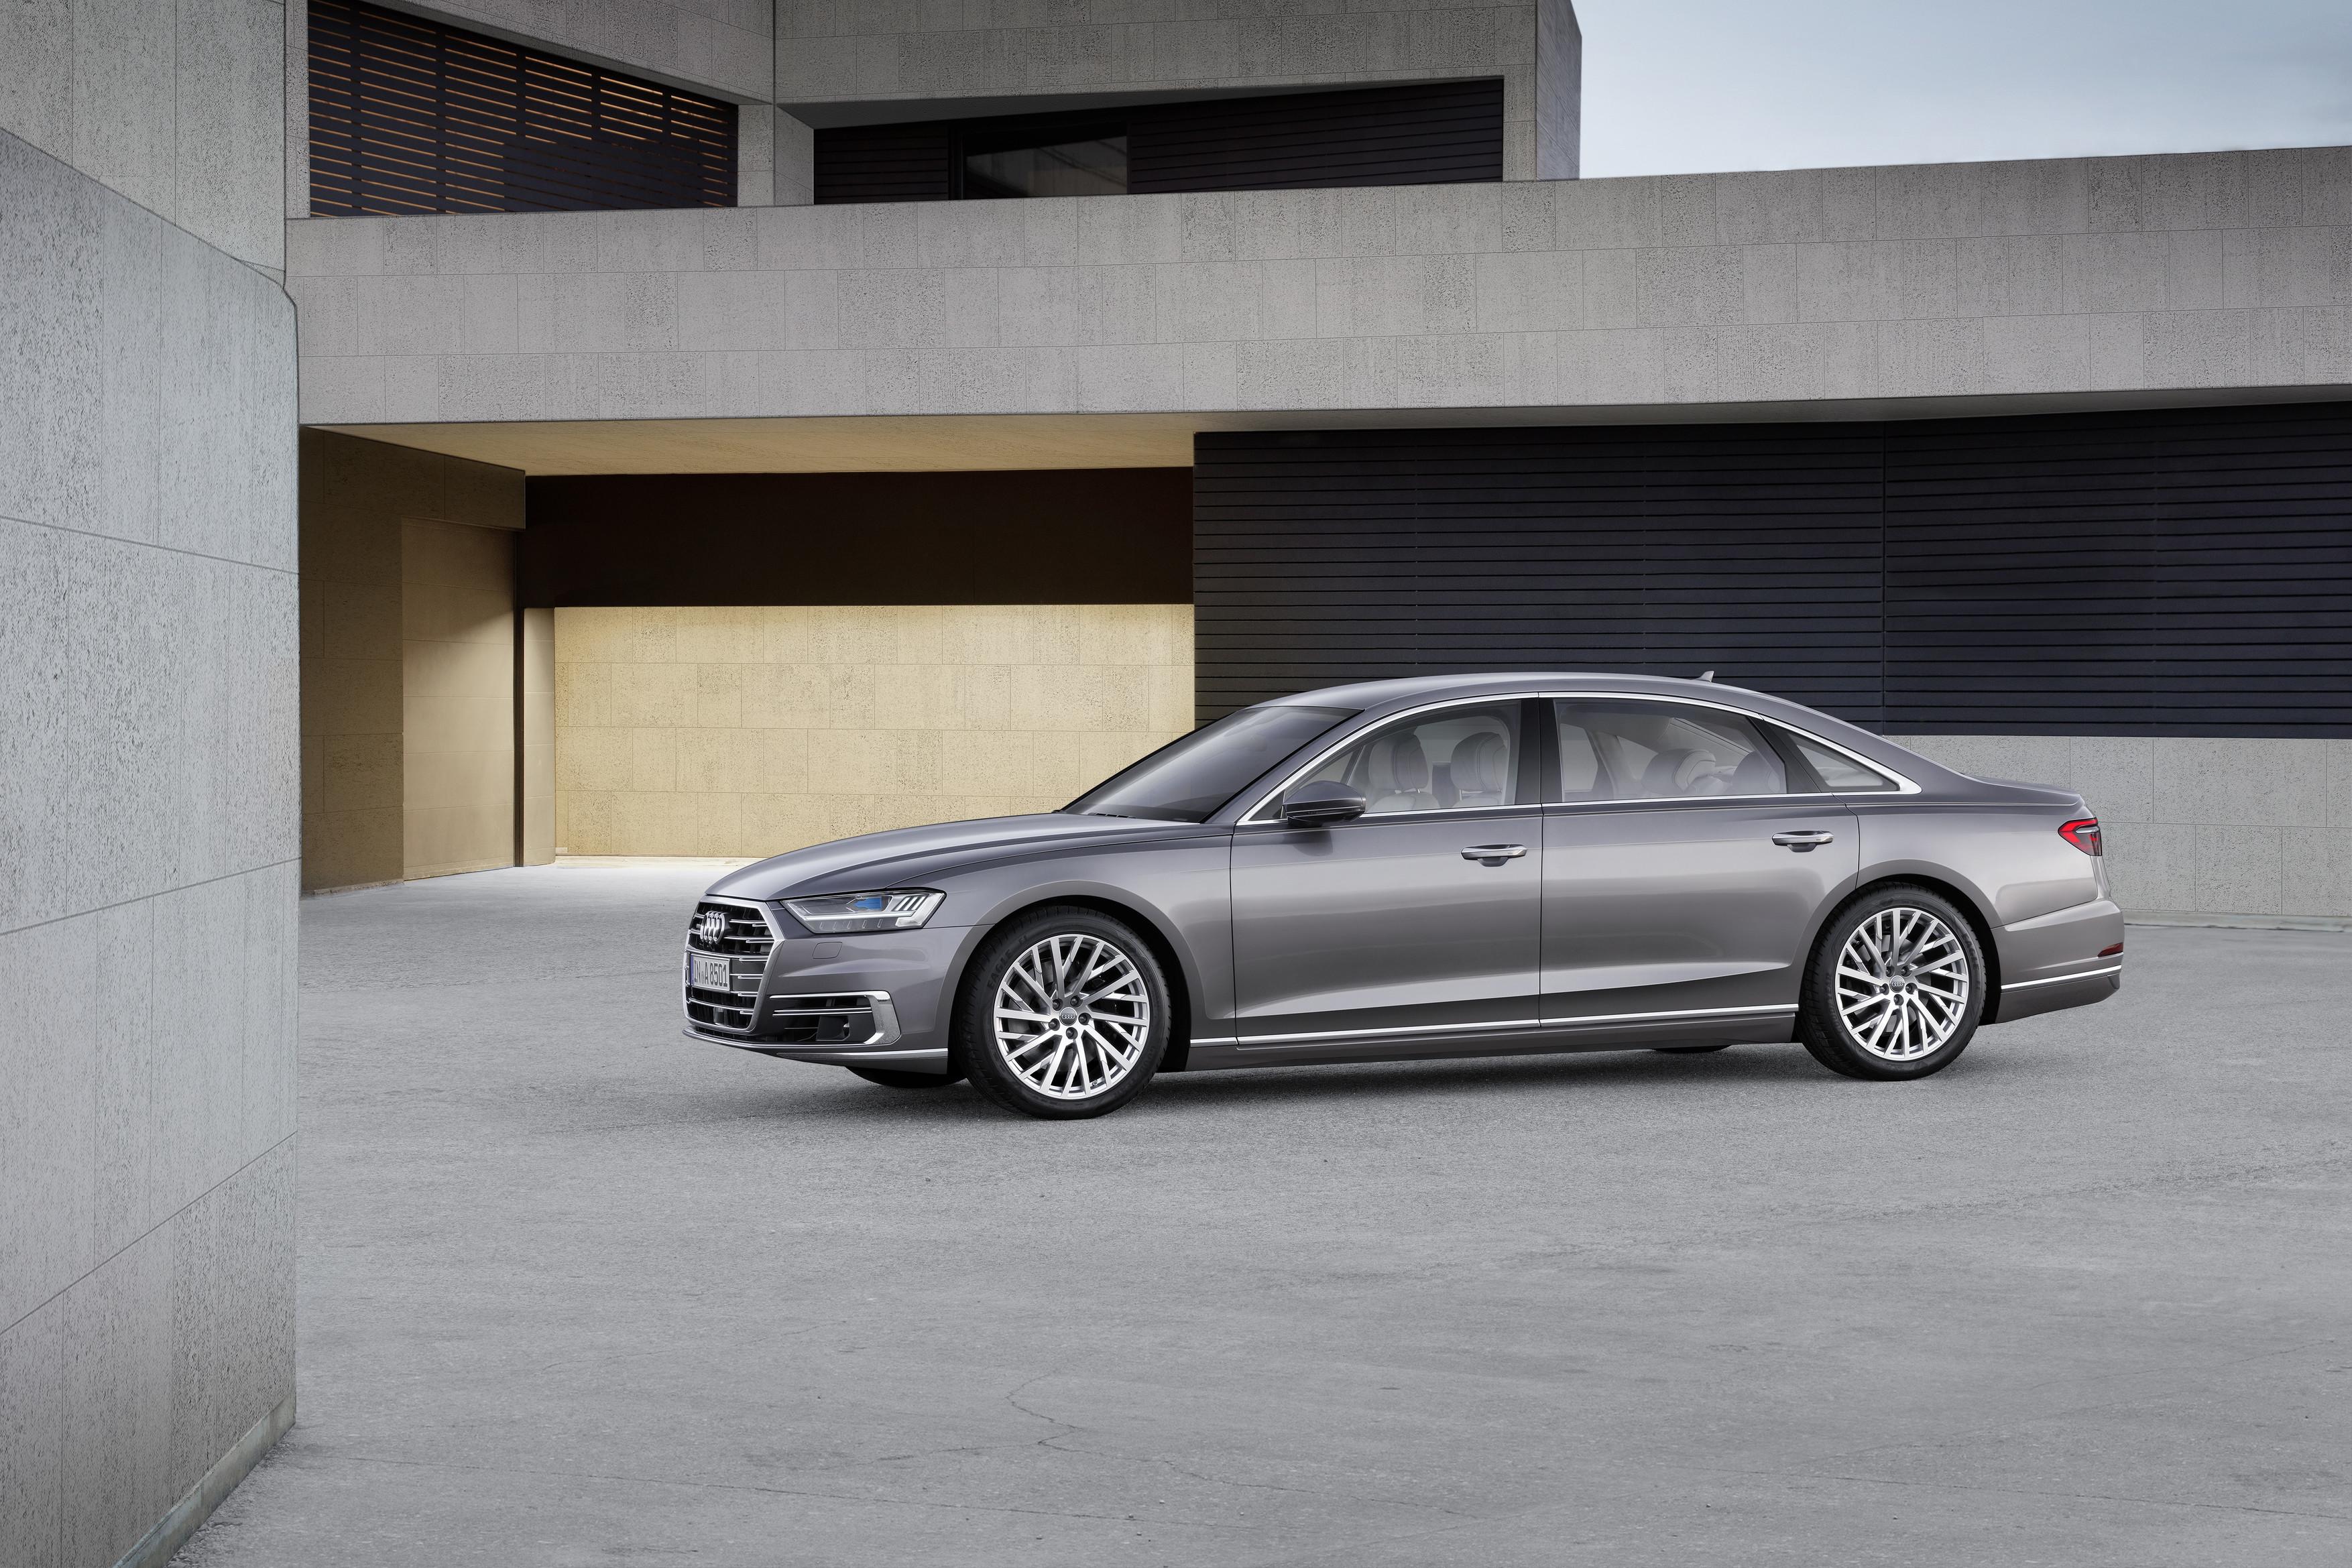 Флагманский седан Audi A8 представлен официально